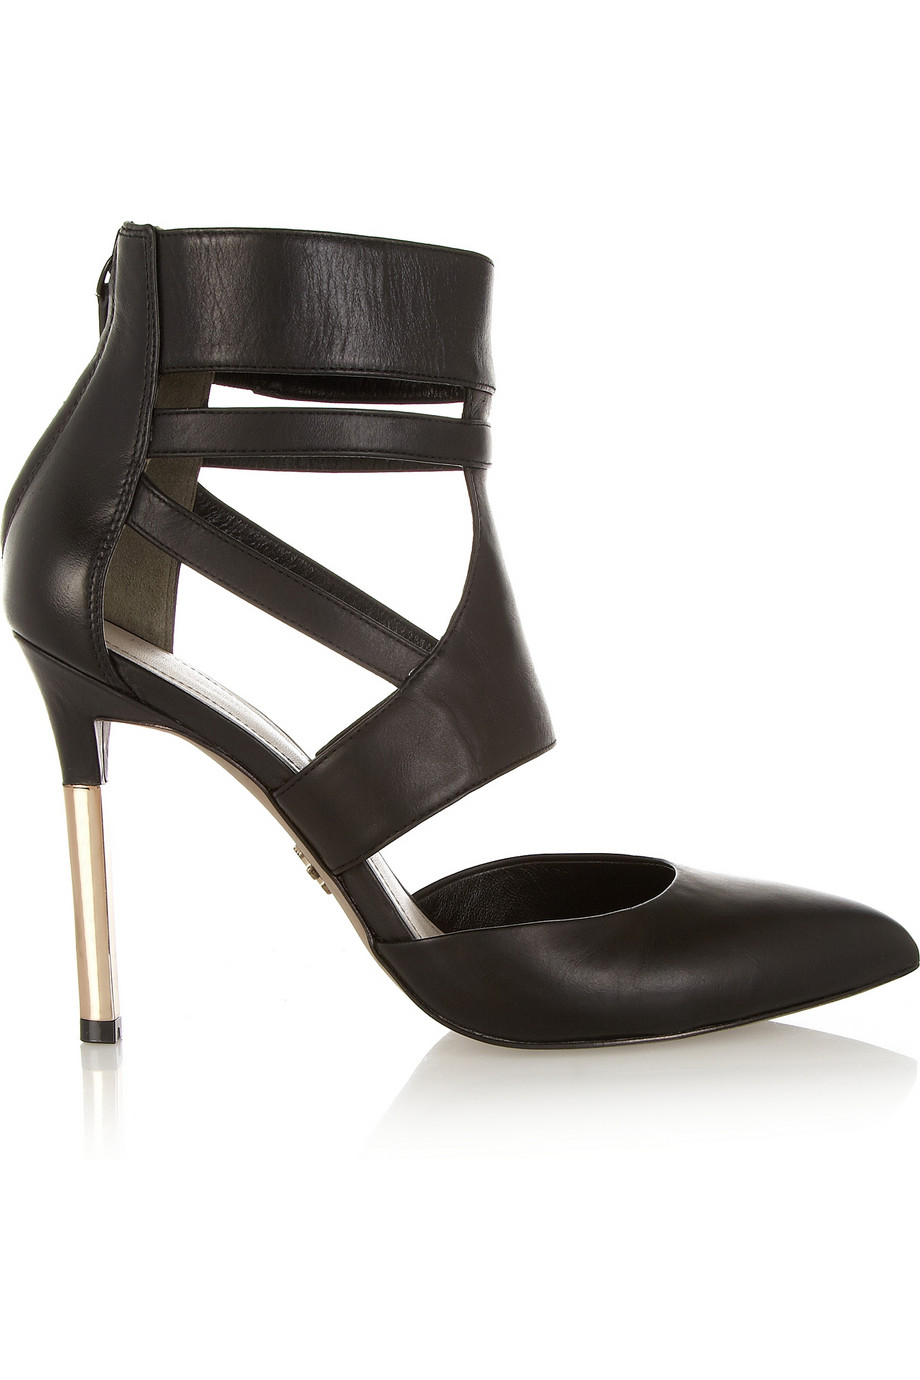 Pour La Victorie Zanie Leather Pumps $137.50